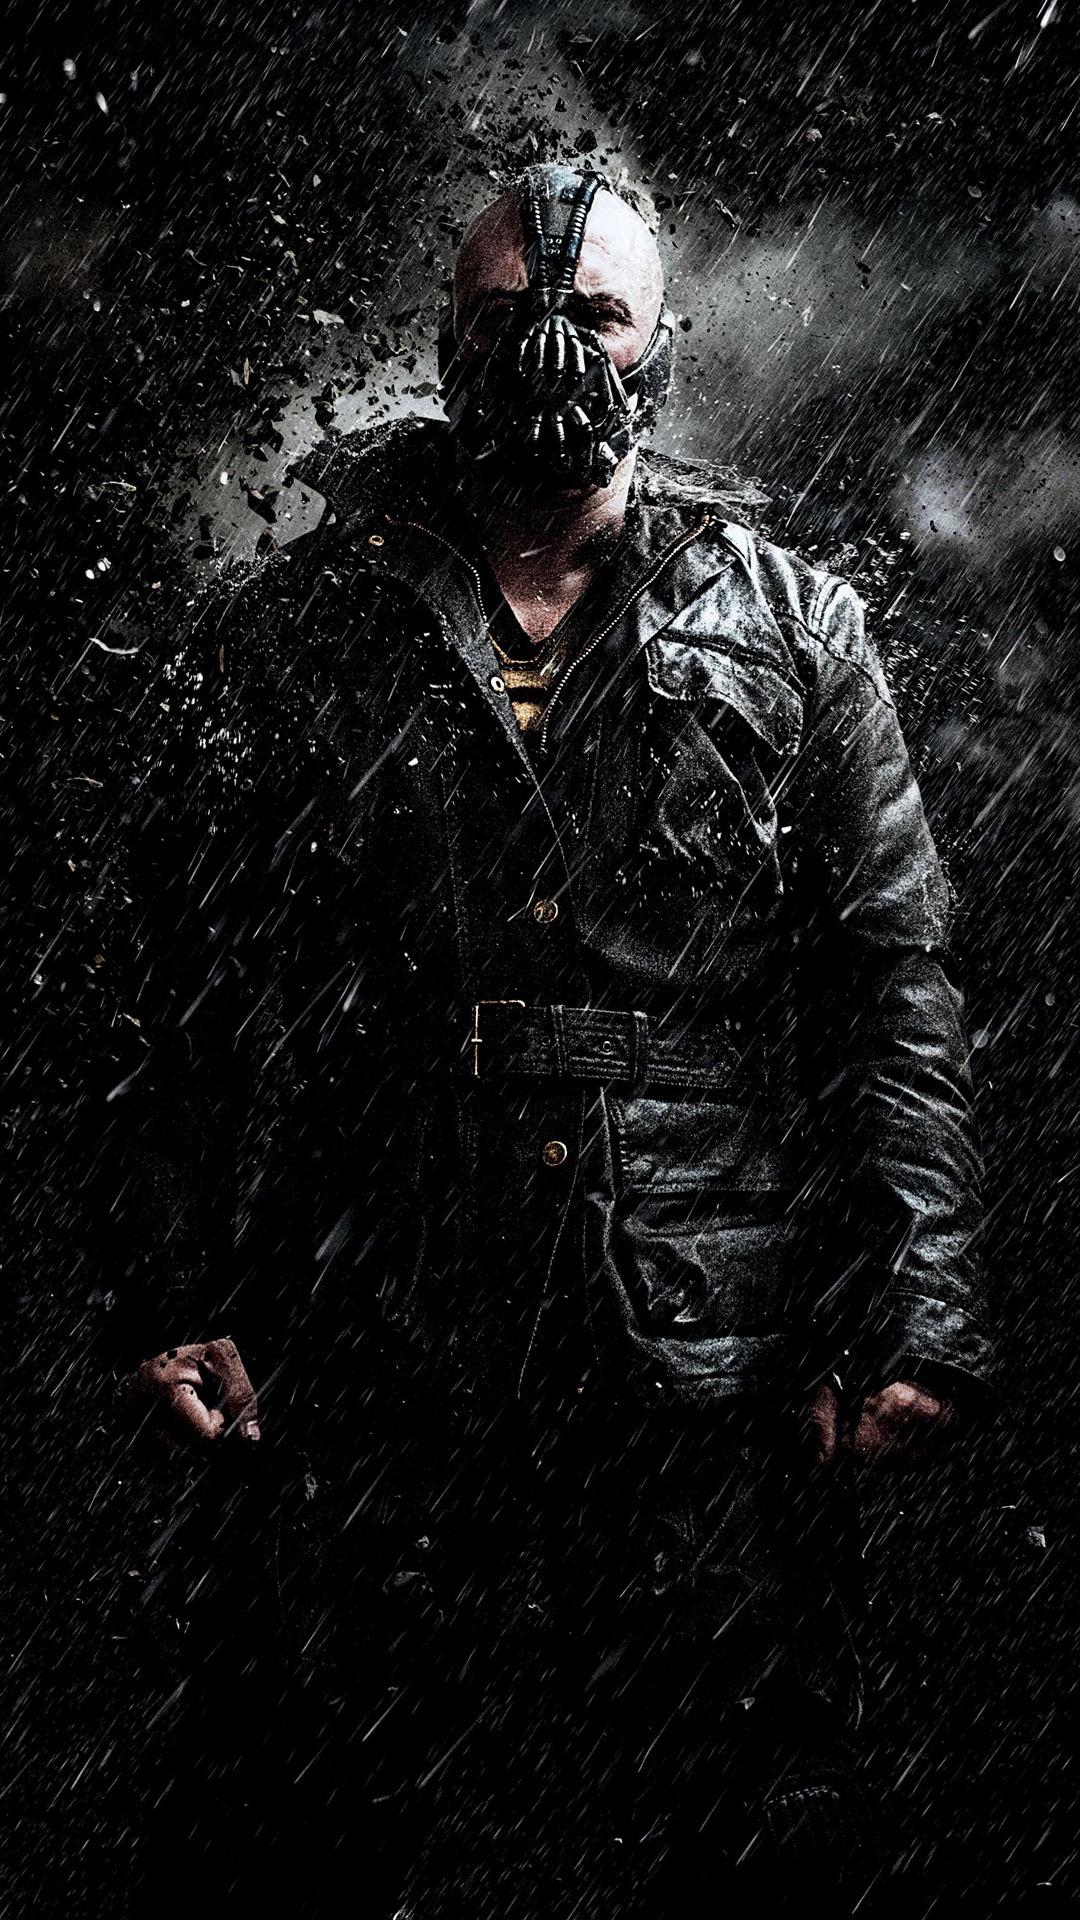 Batman The Dark Knight Rises HD Wallpaper | HD Wallpapers ... |Dark Knight Rises Iphone Wallpaper